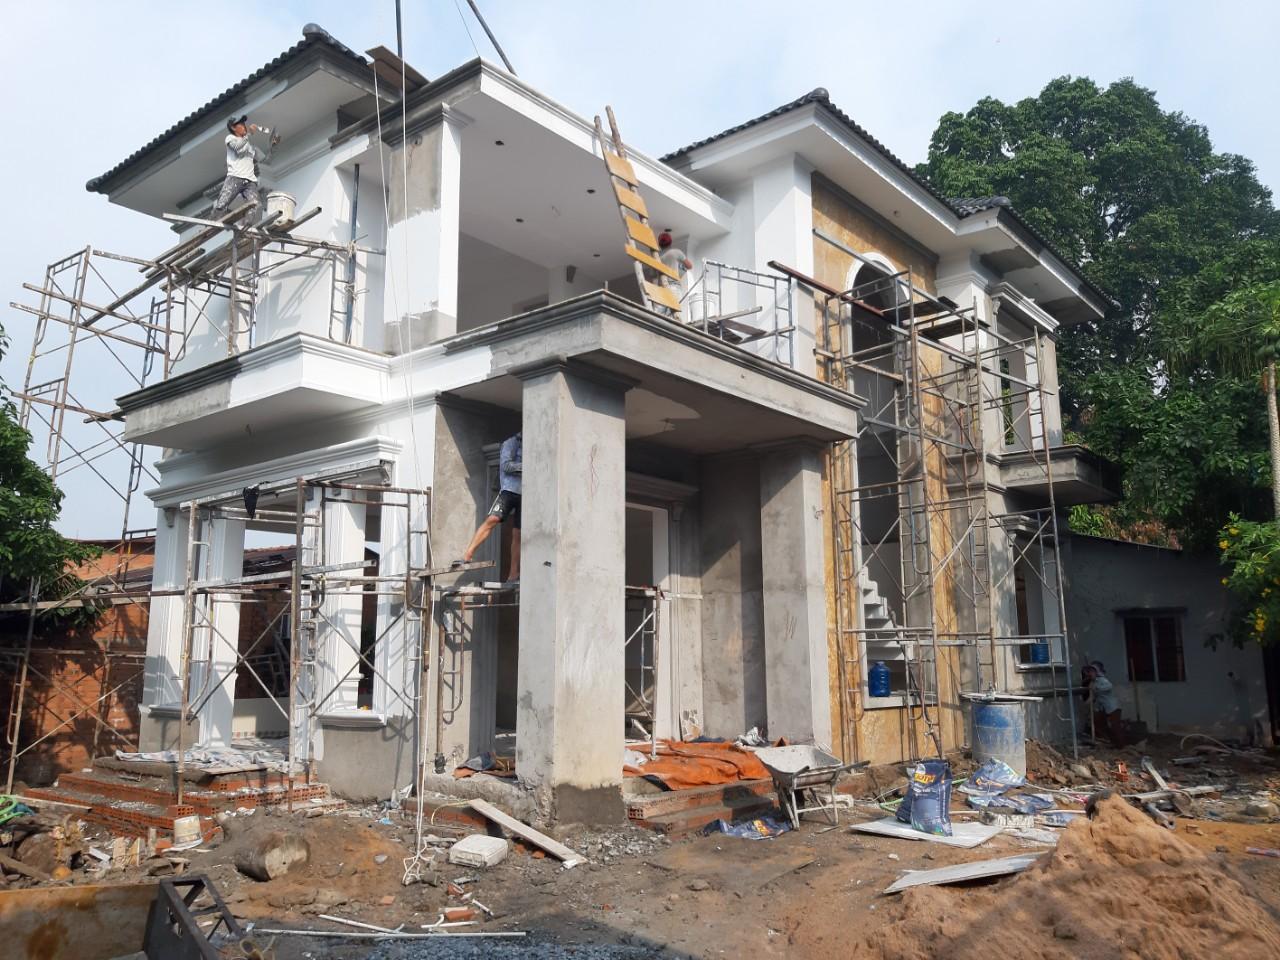 Thuê công ty xây dựng uy tín tại Lý Sơn Quảng Ngãi